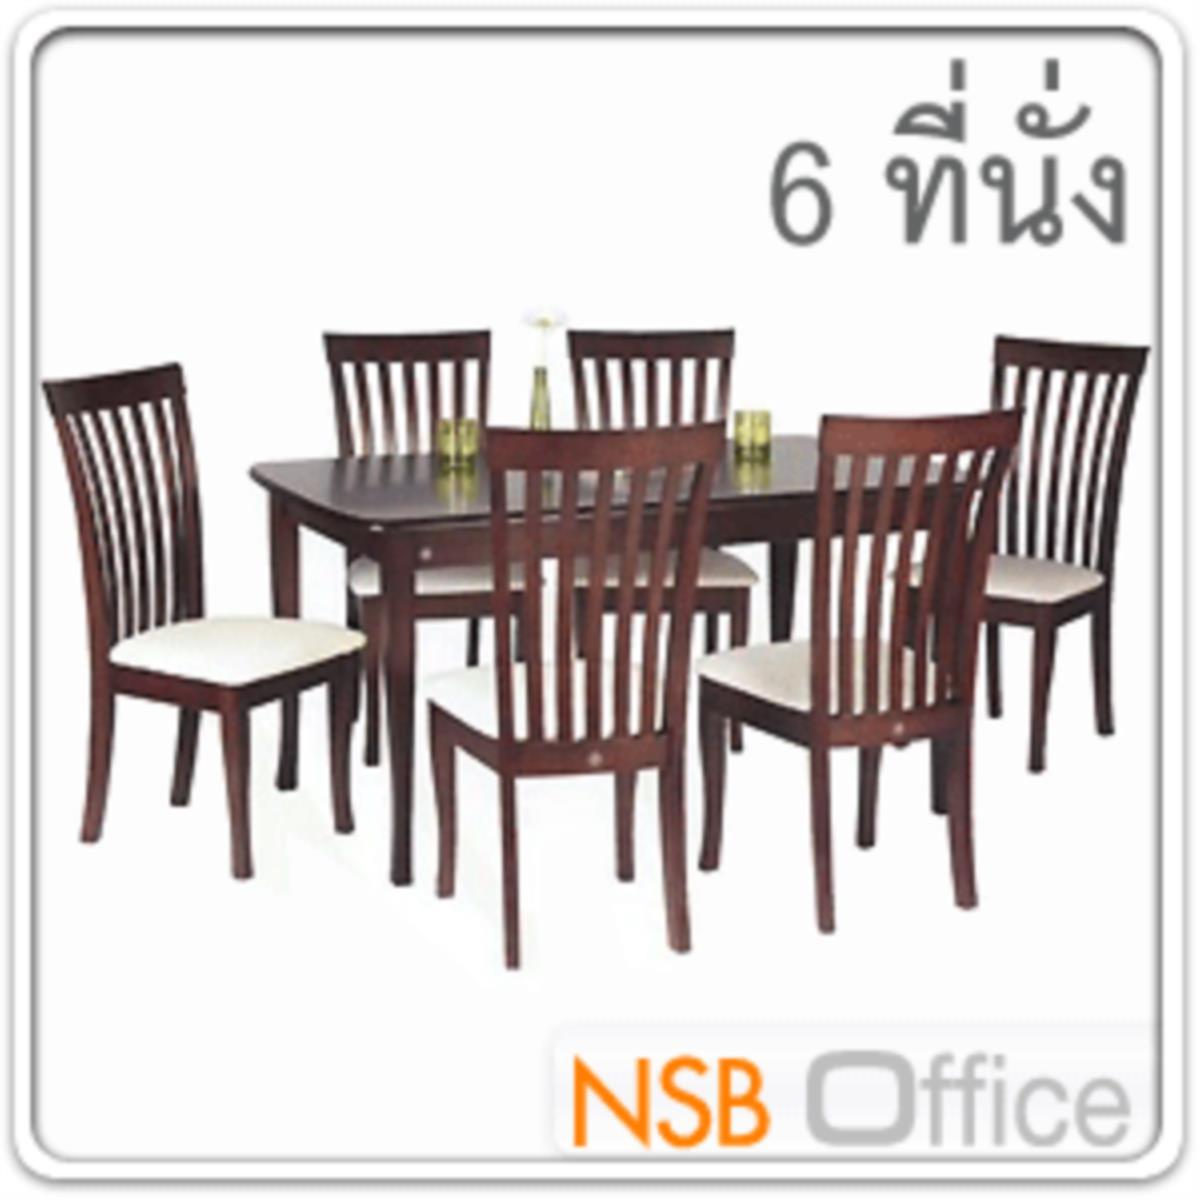 ชุดโต๊ะรับประทานอาหารหน้าโฟเมก้าลายไม้ 6 ที่นั่ง  รุ่น SUNNY-17 ขนาด 150W cm. พร้อมเก้าอี้